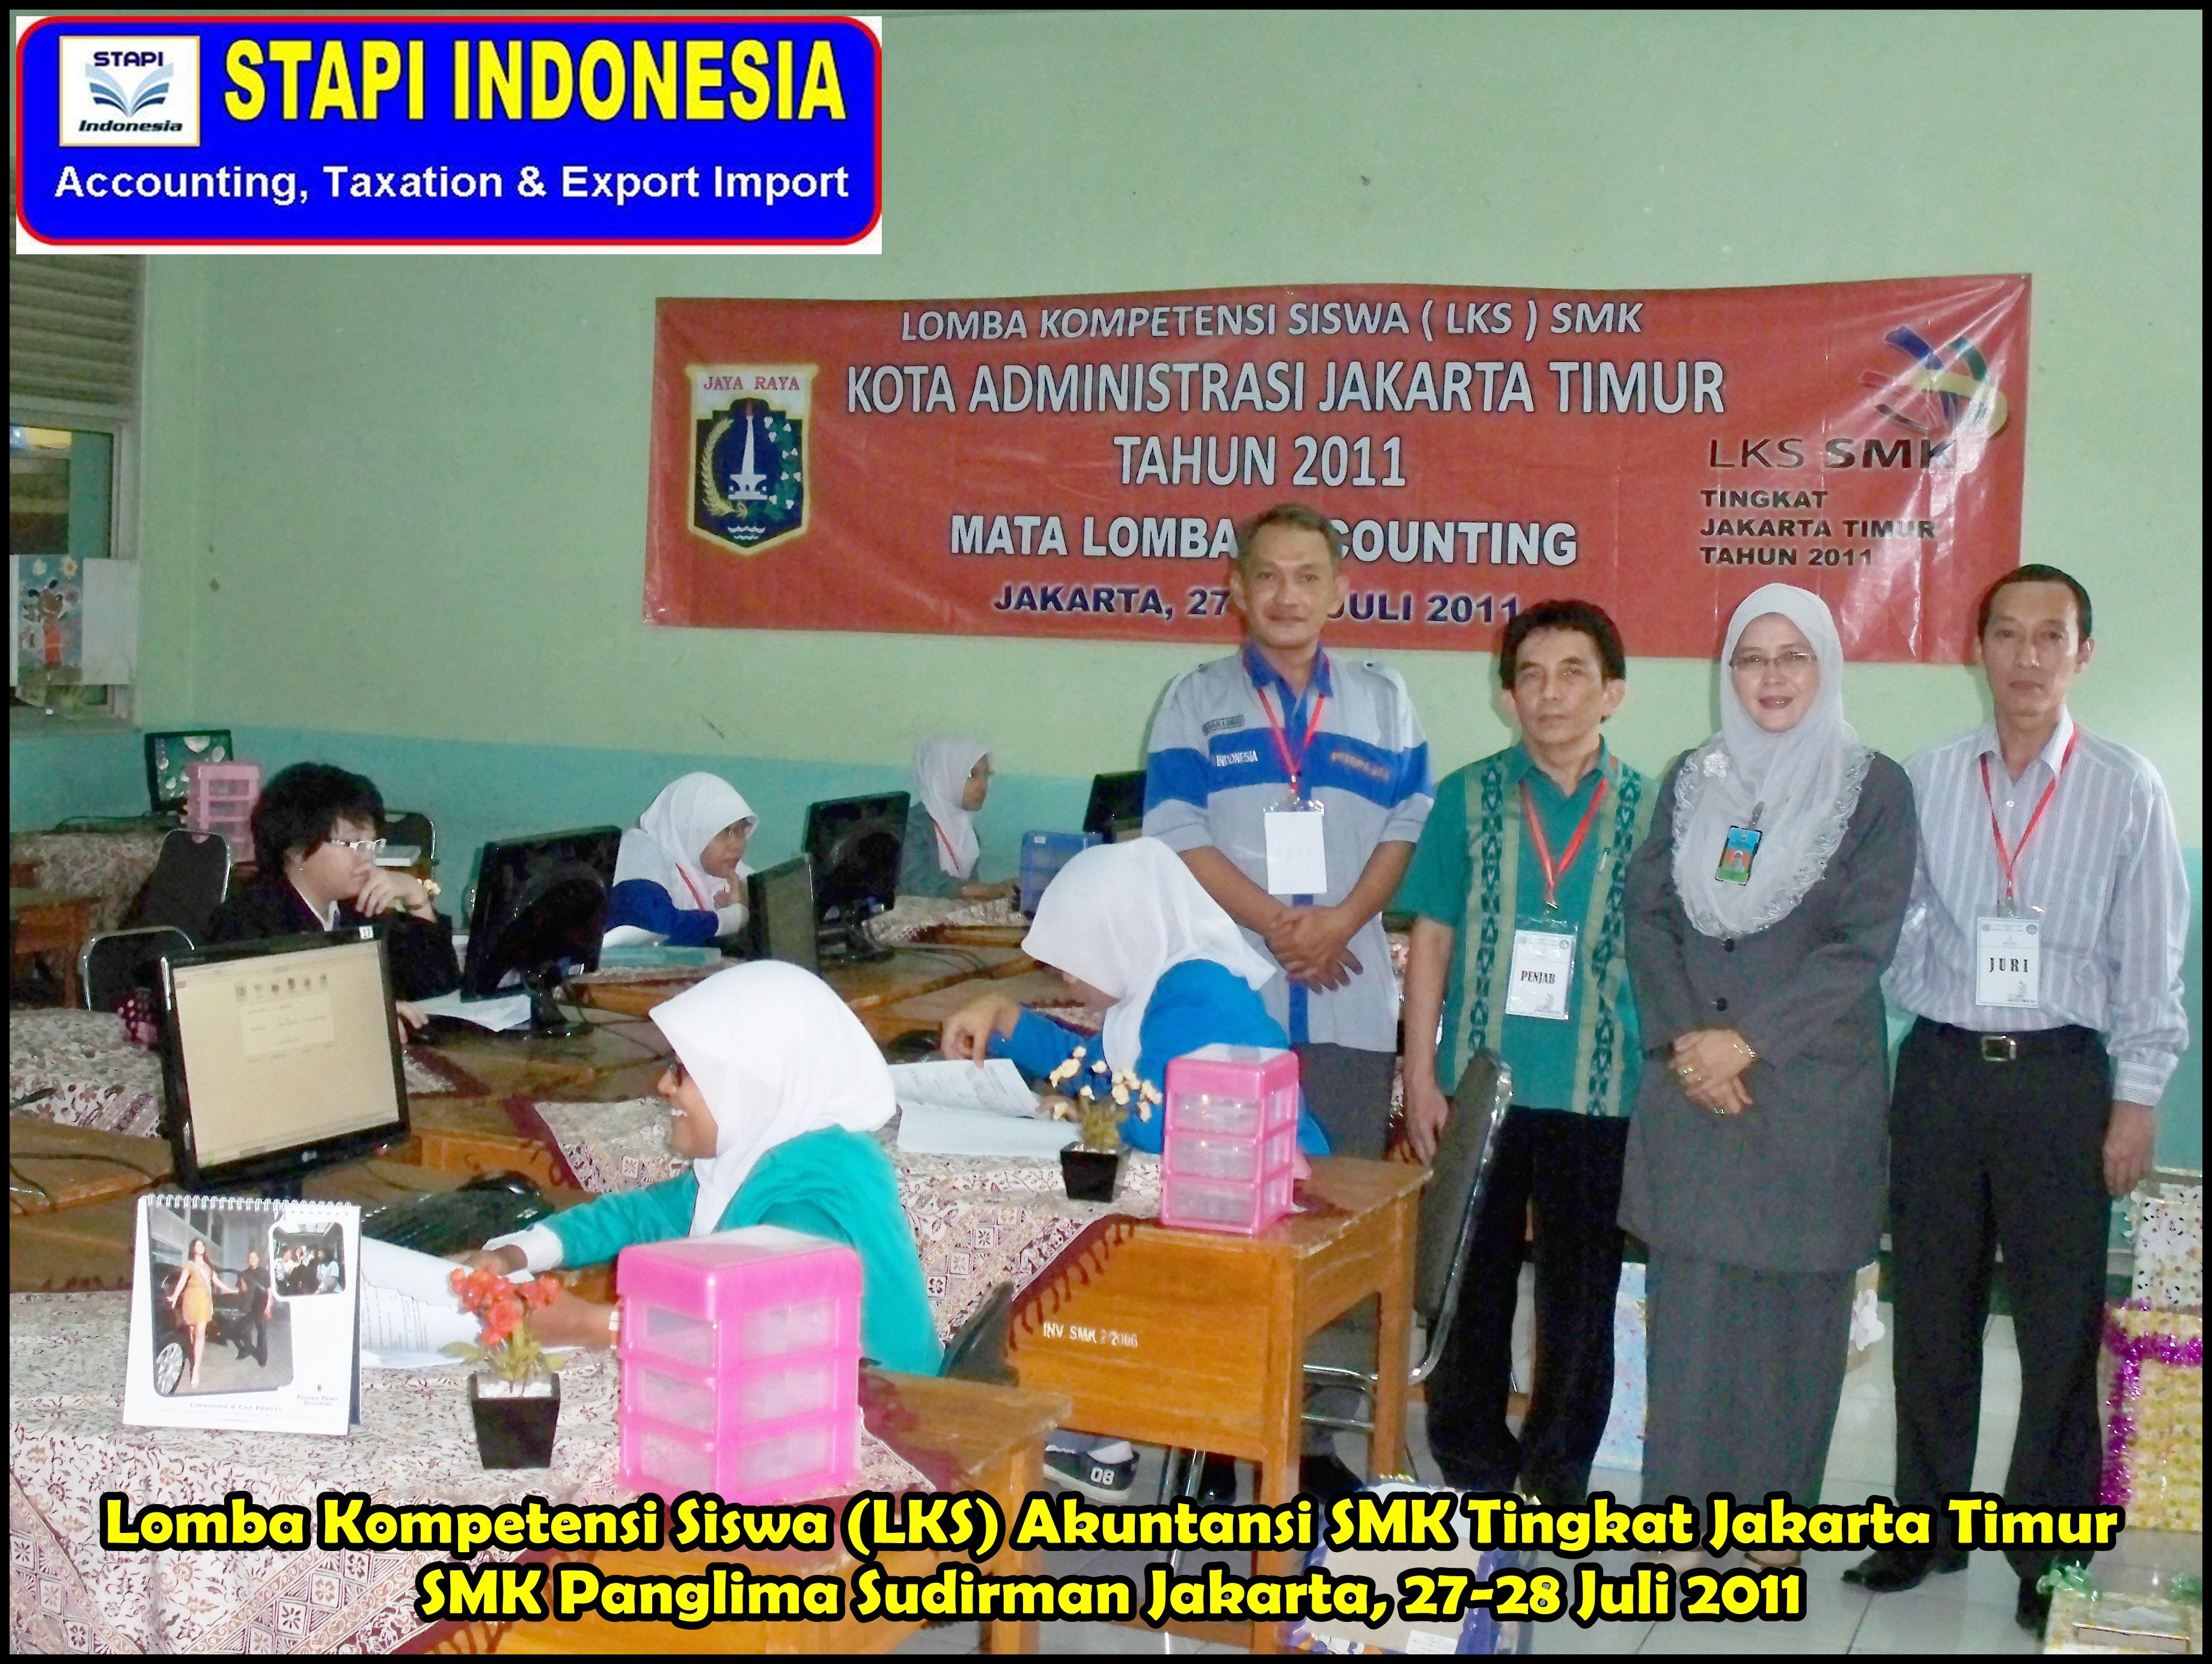 Lks Akuntansi Smk Tingkat Jakarta Timur Tahun 2011 Kami Berikan Pengetahuan Dan Pelayanan Terbaik